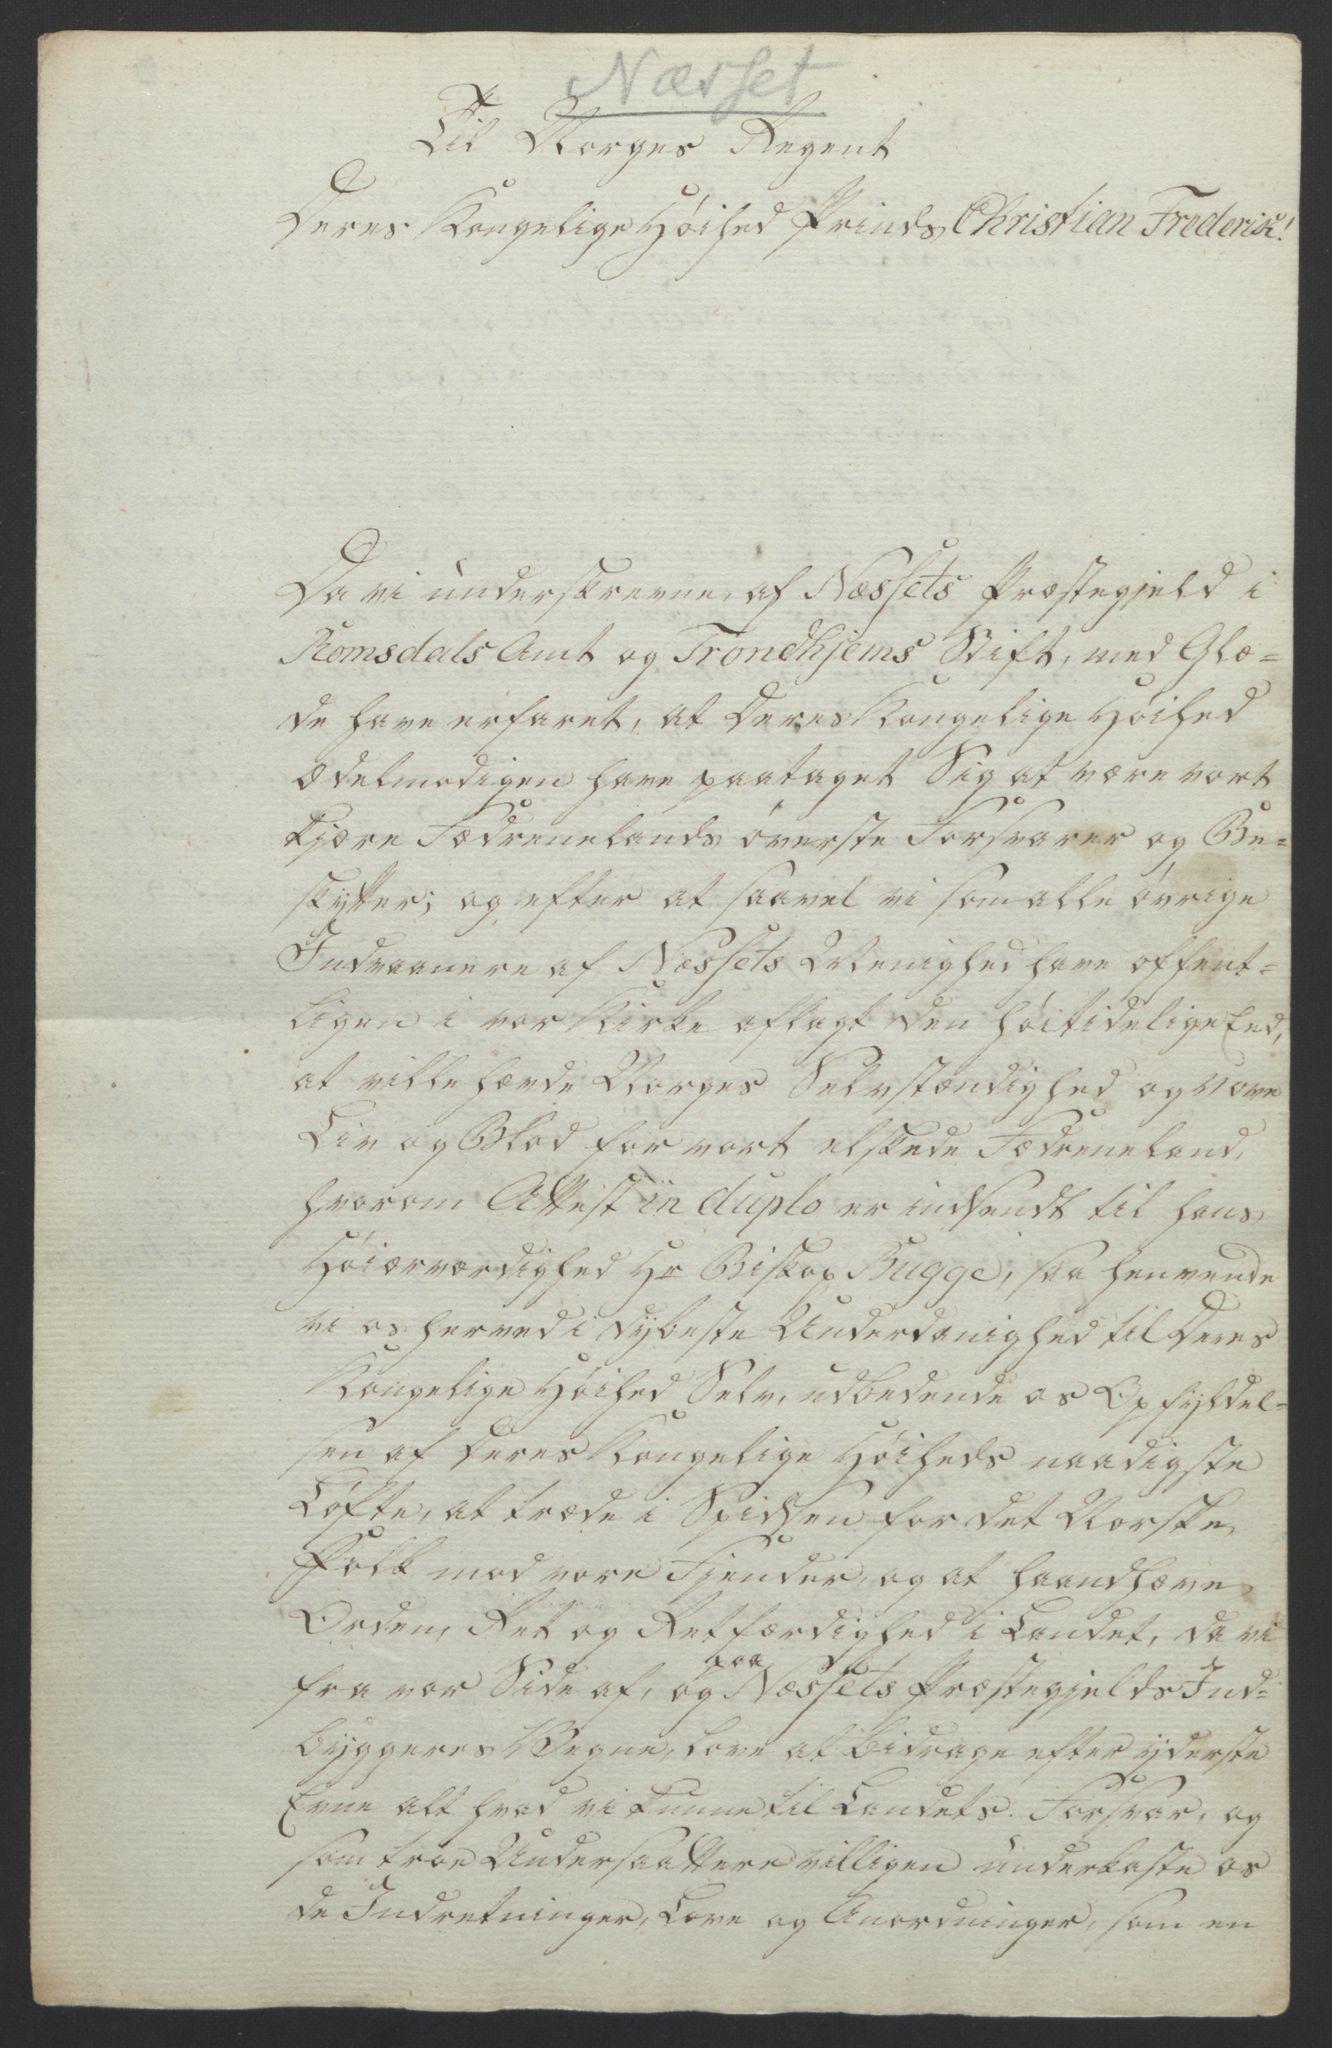 RA, Statsrådssekretariatet, D/Db/L0008: Fullmakter for Eidsvollsrepresentantene i 1814. , 1814, s. 391